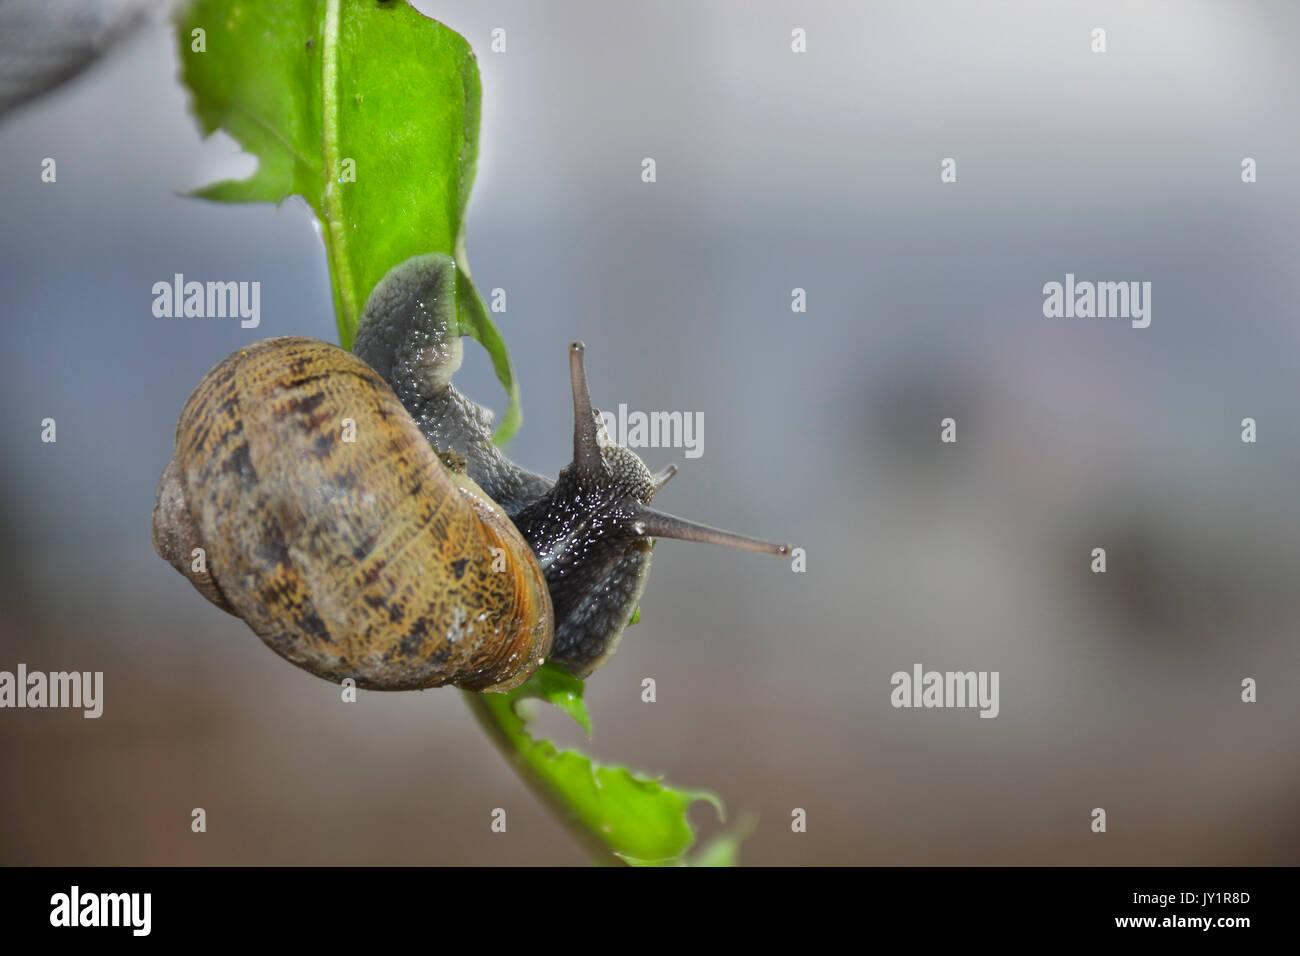 El caracol común de jardín o burgajo (Helix aspersa) es una especie de molusco gasterópodo de la familia Helicidae Foto de stock